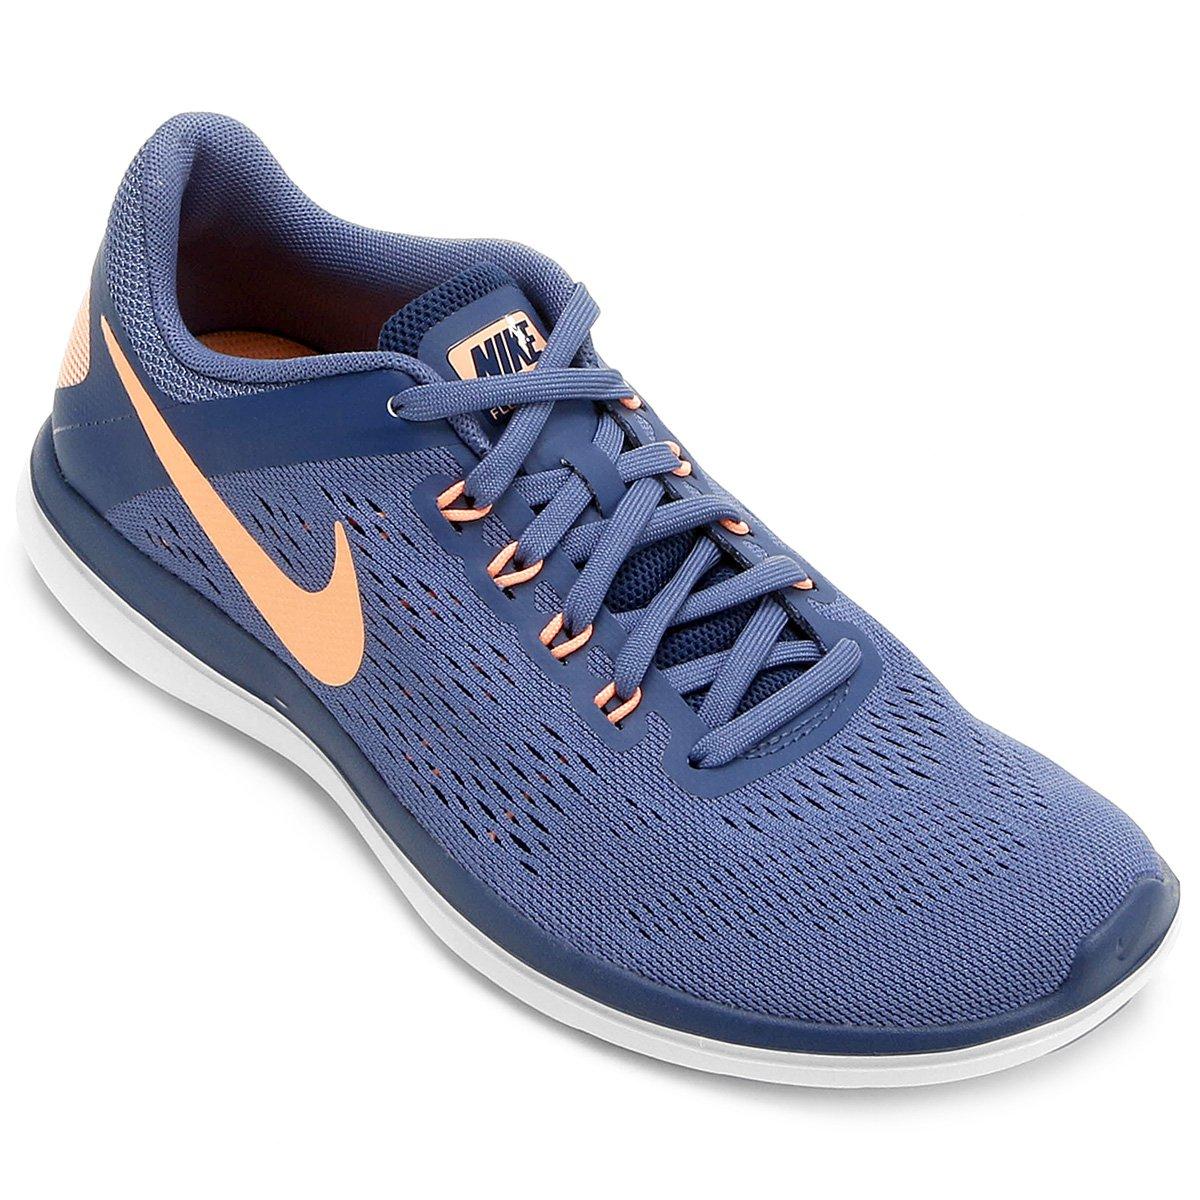 0432bd5e29 Tênis Nike Flex 2016 RN - Compre Agora